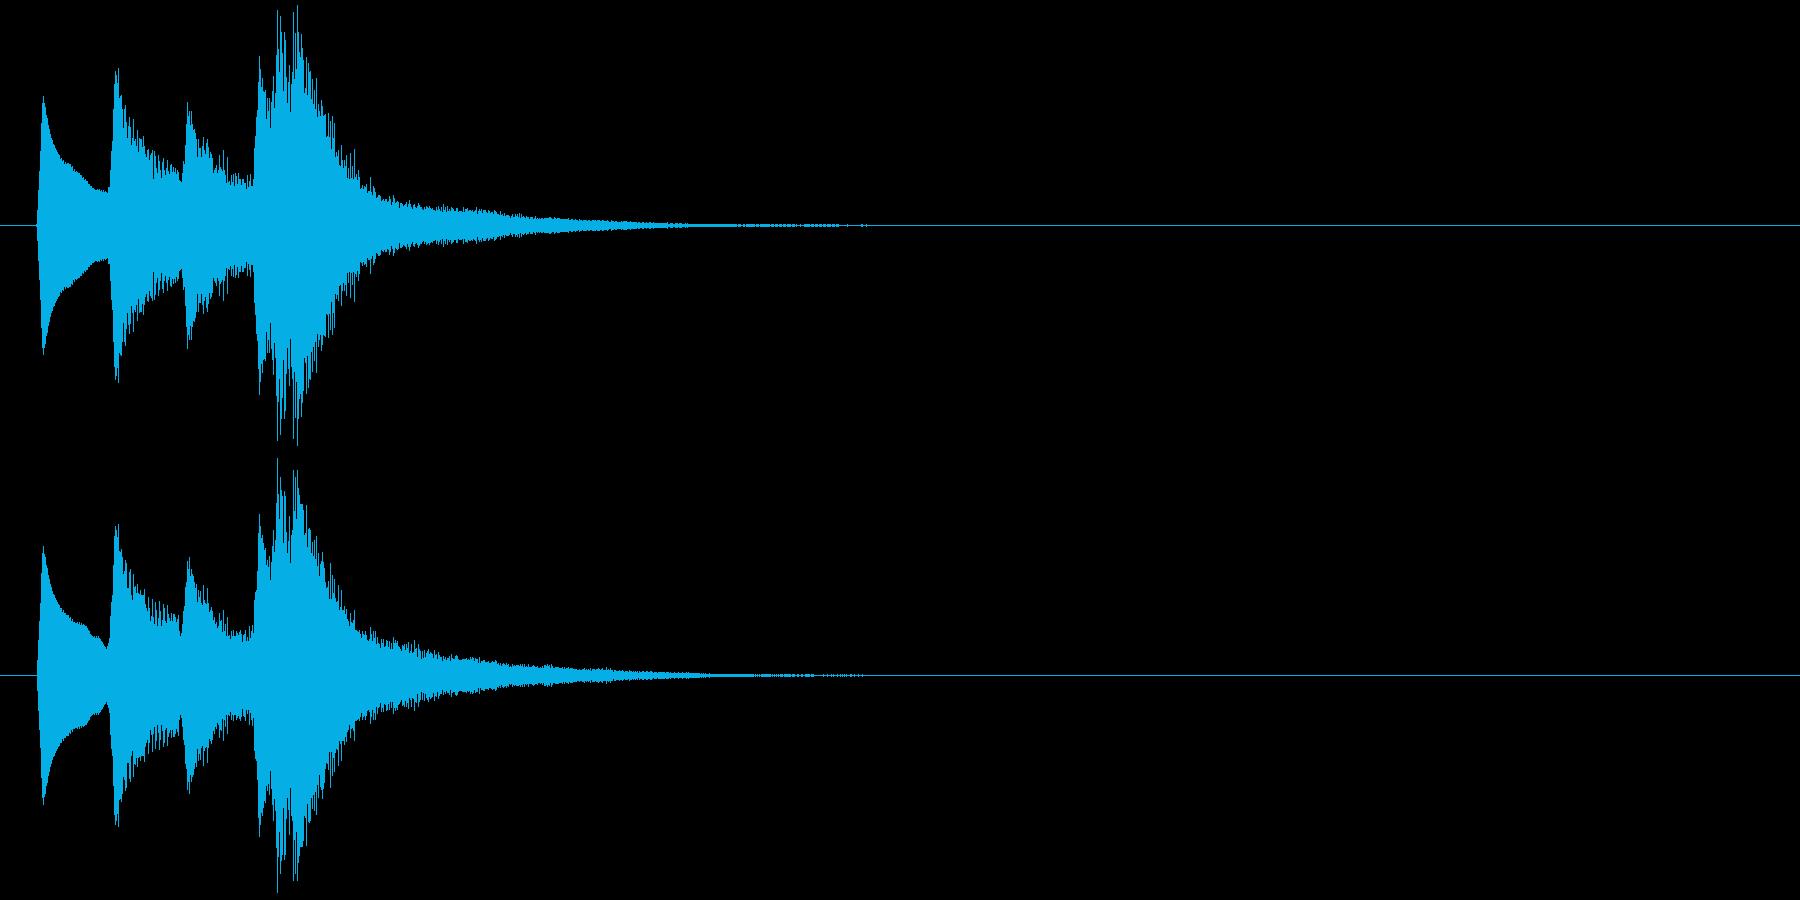 ピロリッ↑(シンプル、決定音、かわいい)の再生済みの波形